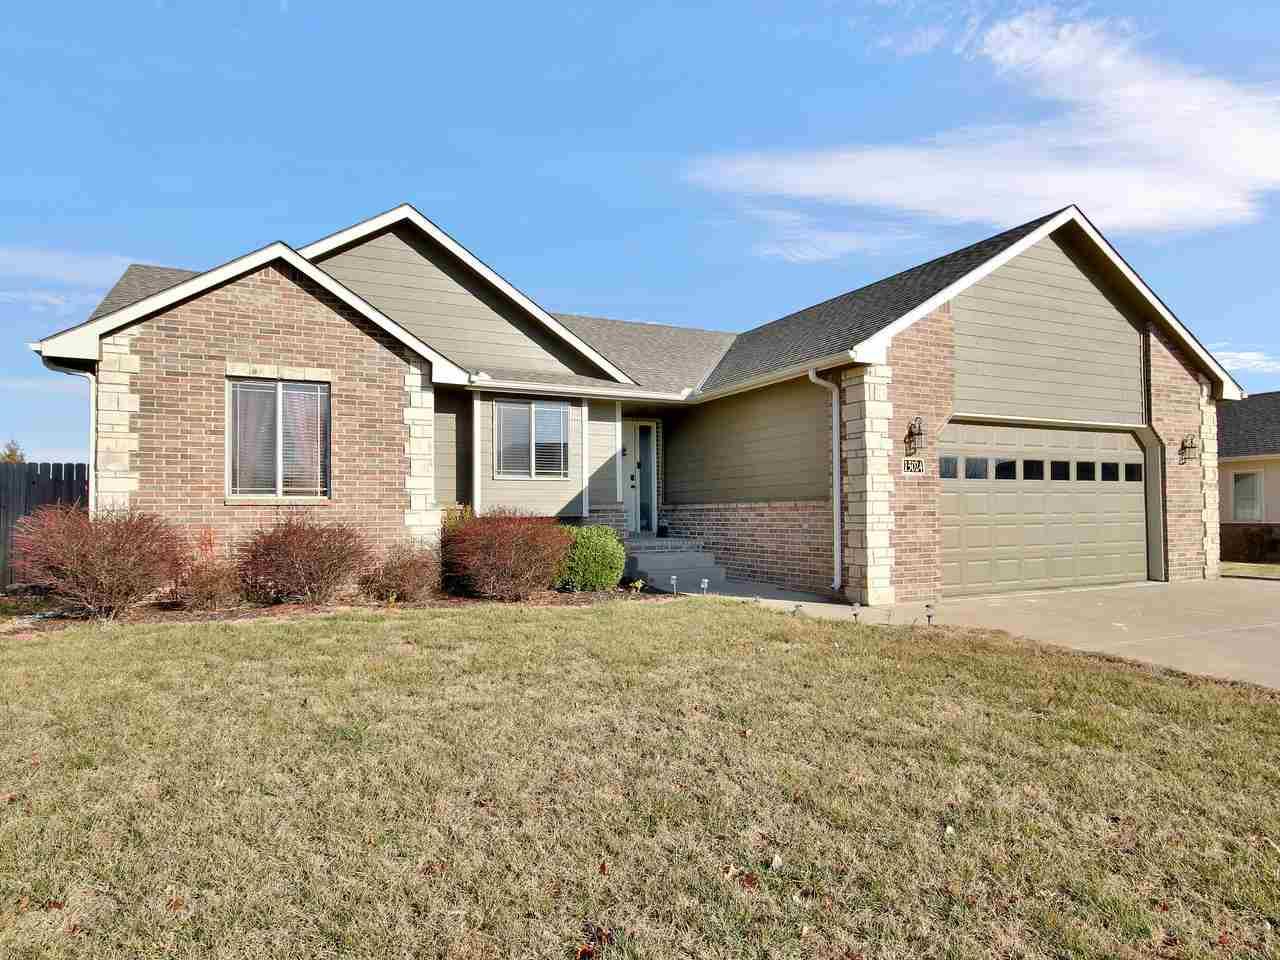 15024 E Lakeview Dr, Wichita, KS, 67230